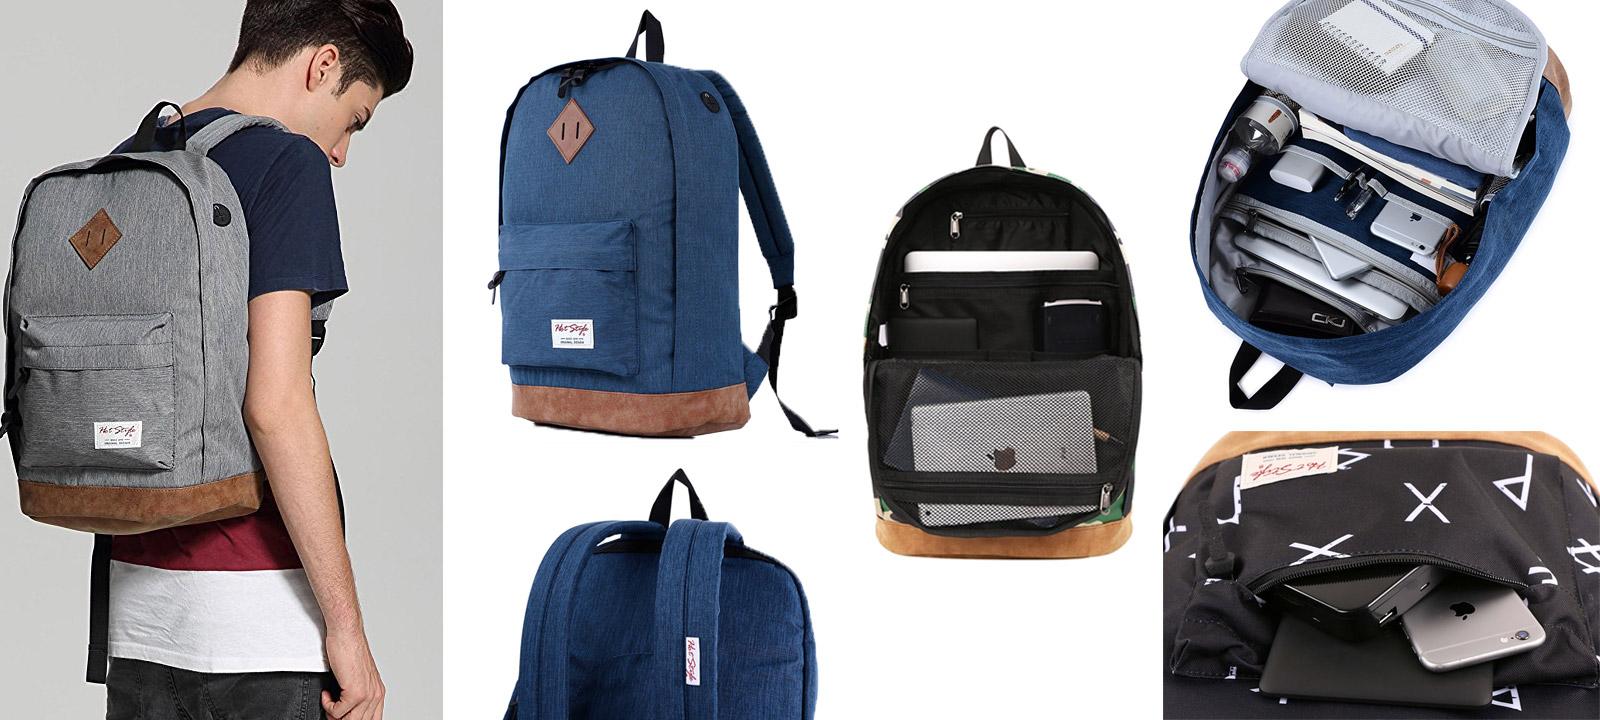 f96c01ed5 Si te gusta la mochila de la foto compra la oferta aquí